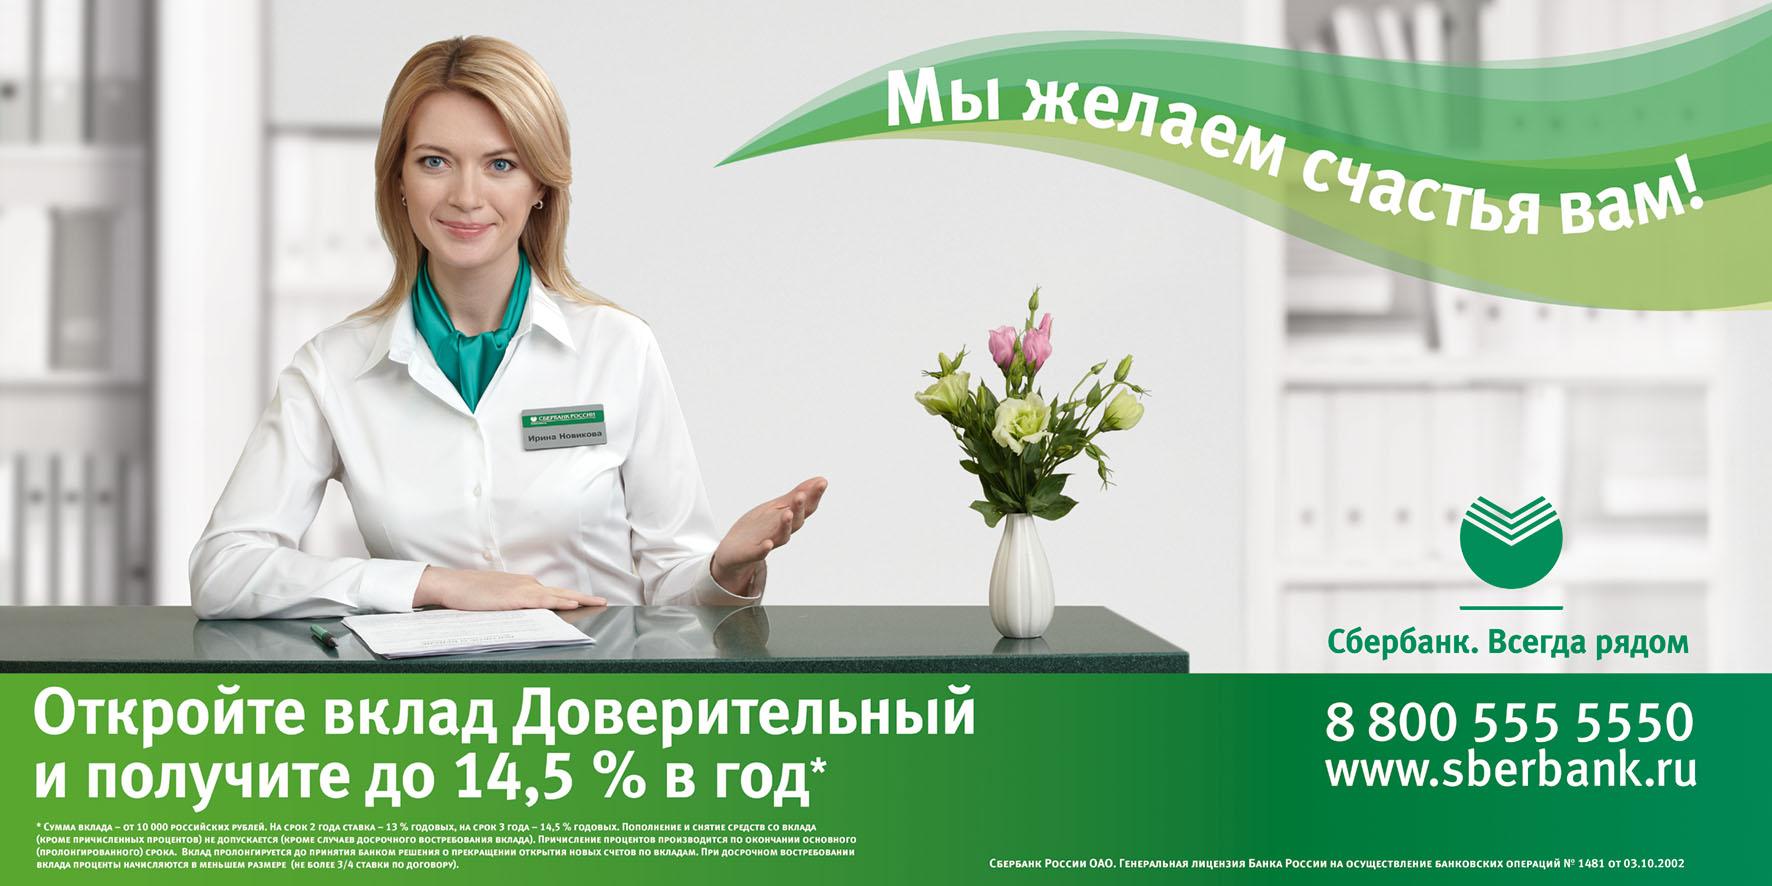 Киров Белых Руководство Сбербанка